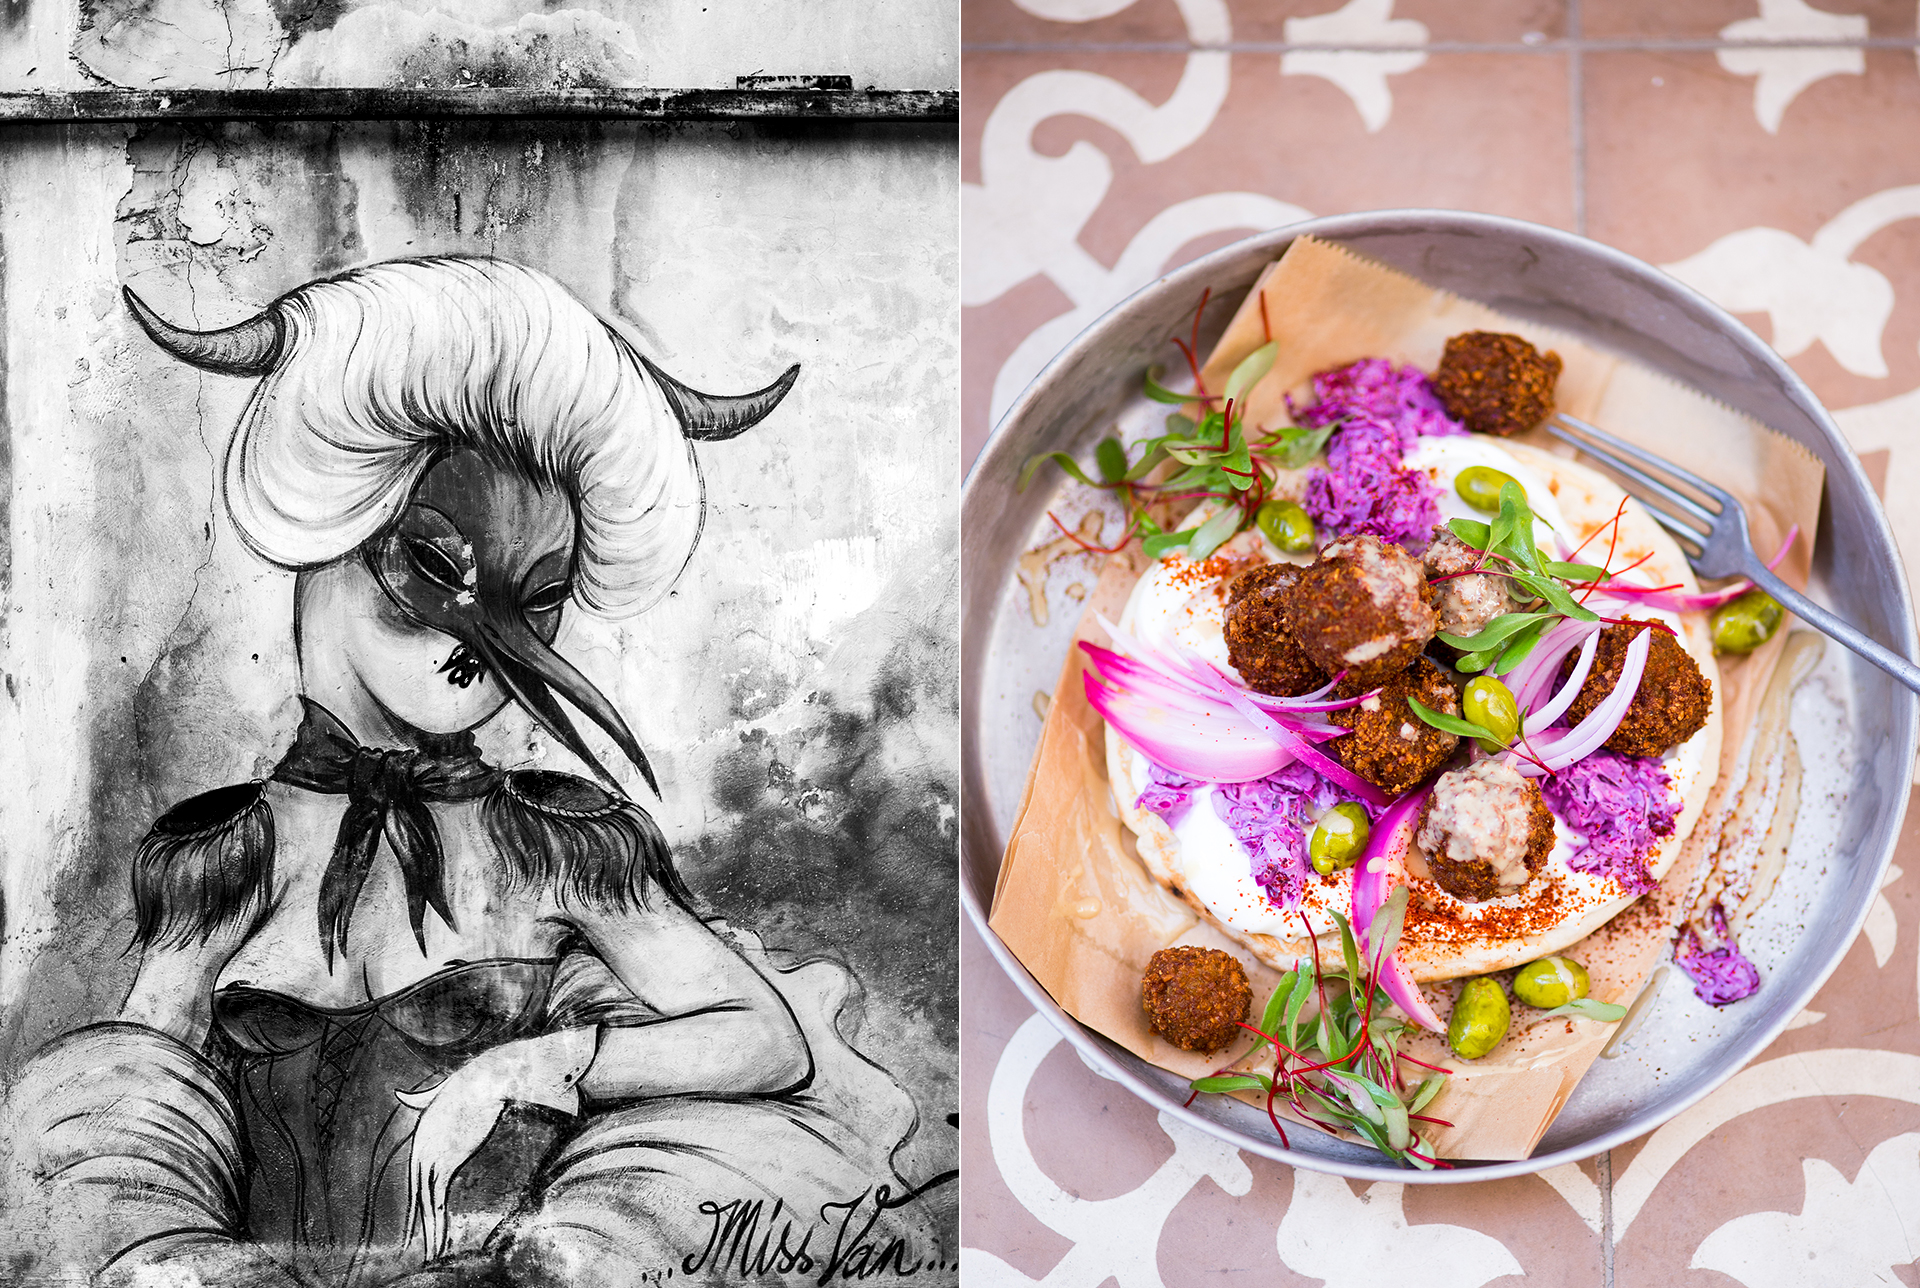 Brot mit Joghurt, Falafeln, rote Zwiebeln, Rotkraut, Oliven und Salatblaettern. Hauswand in TelAviv mit Graffiti - Reportagefotografie